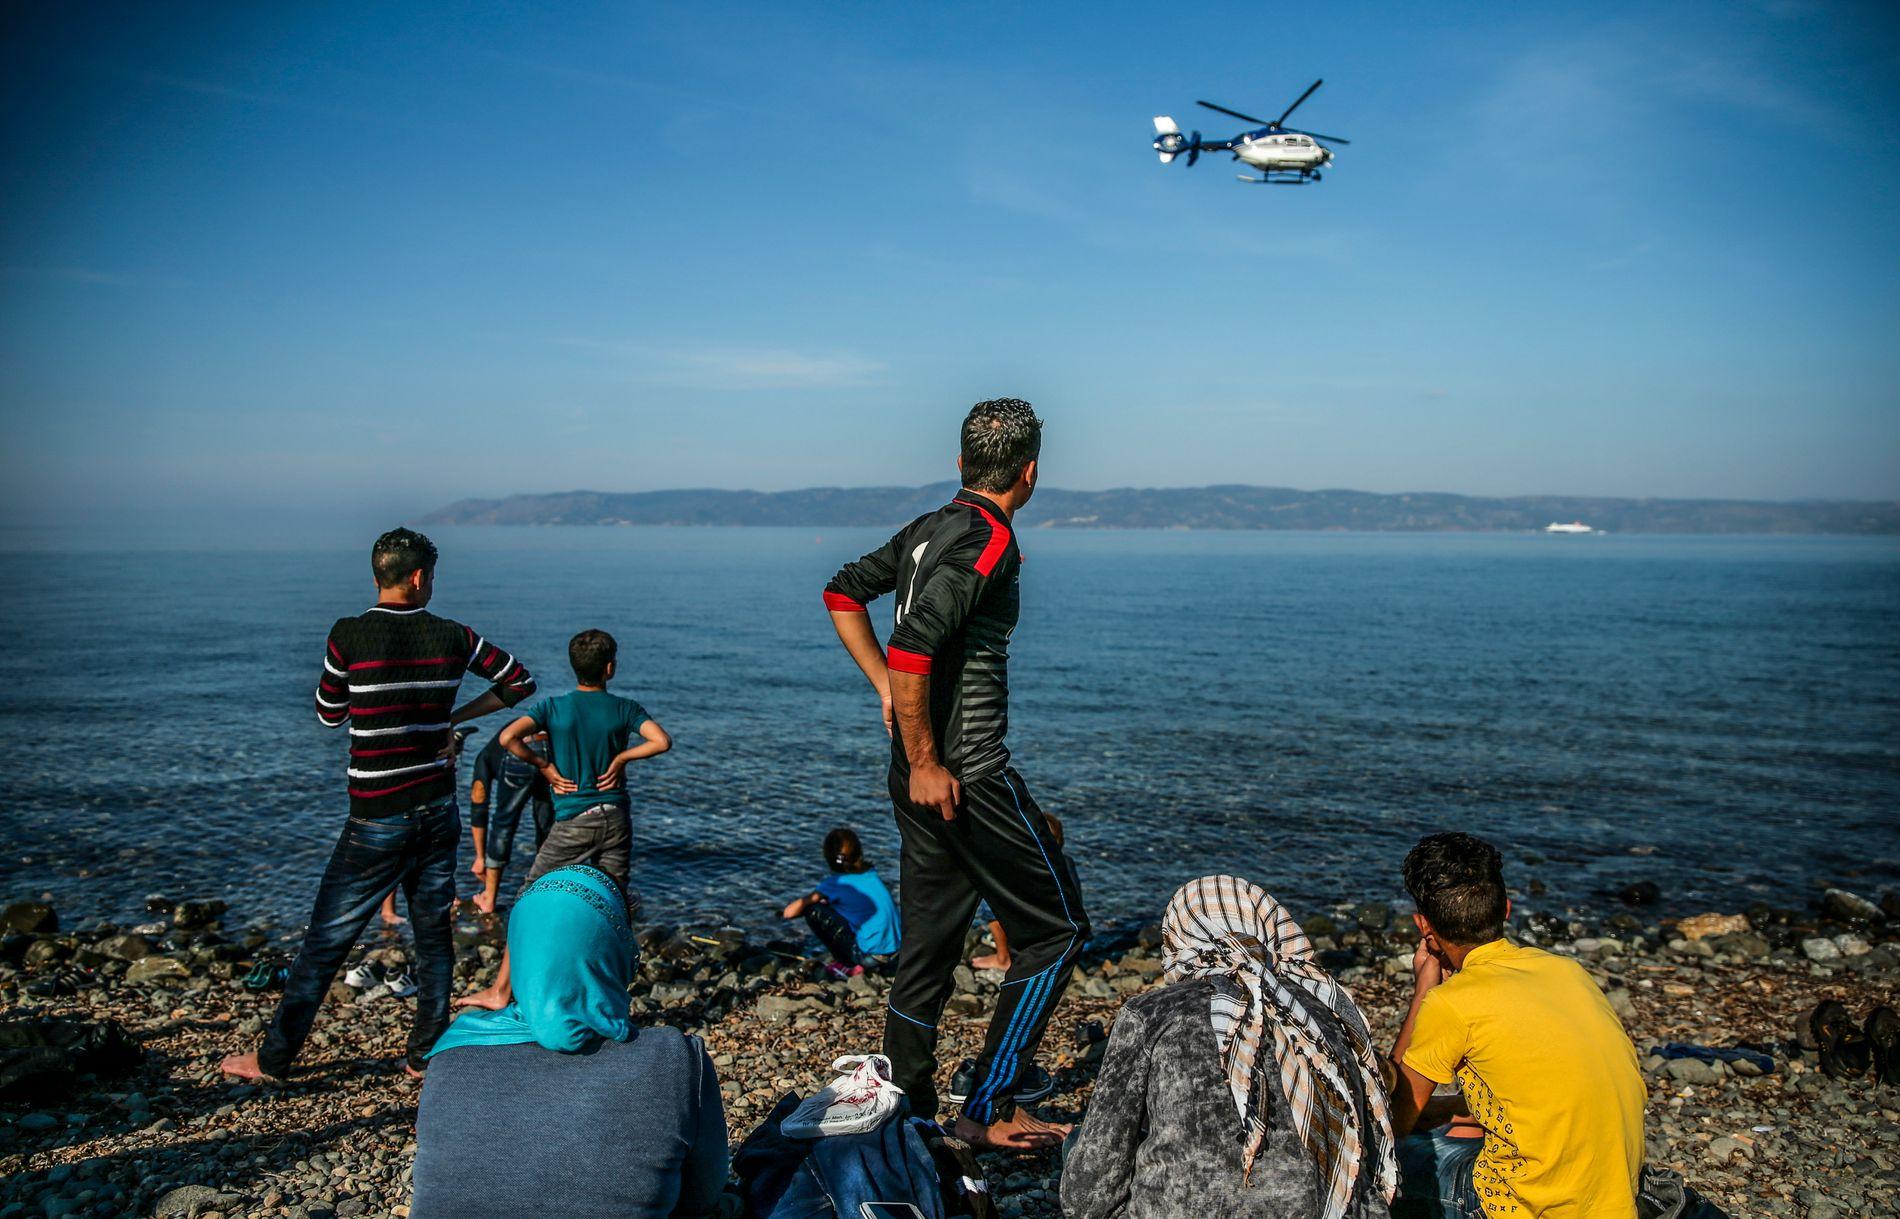 STØRRE FORSKJELLER: Migranter, som her på øyen Lesbos i Hellas, fører på kort sikt til økt ulikhet og høyere Gini-koeffisient i et land, skriver innsenderen.